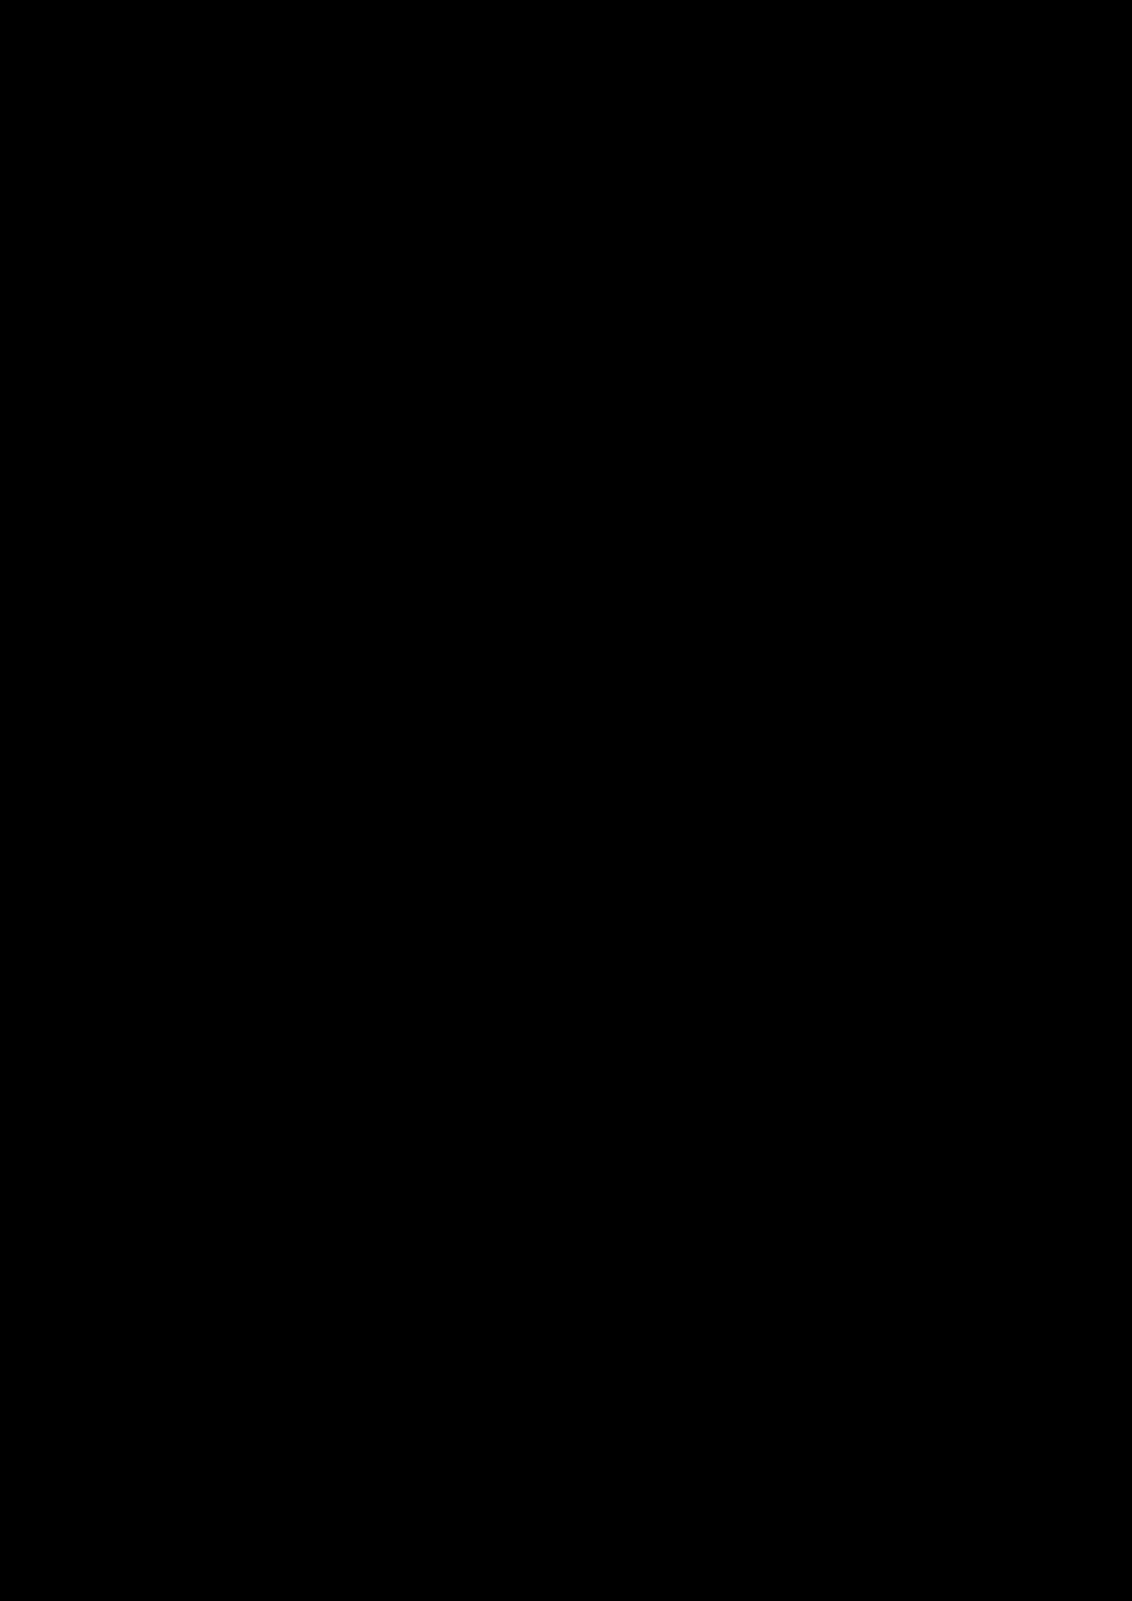 Zagadka volshebnoy stranyi slide, Image 124